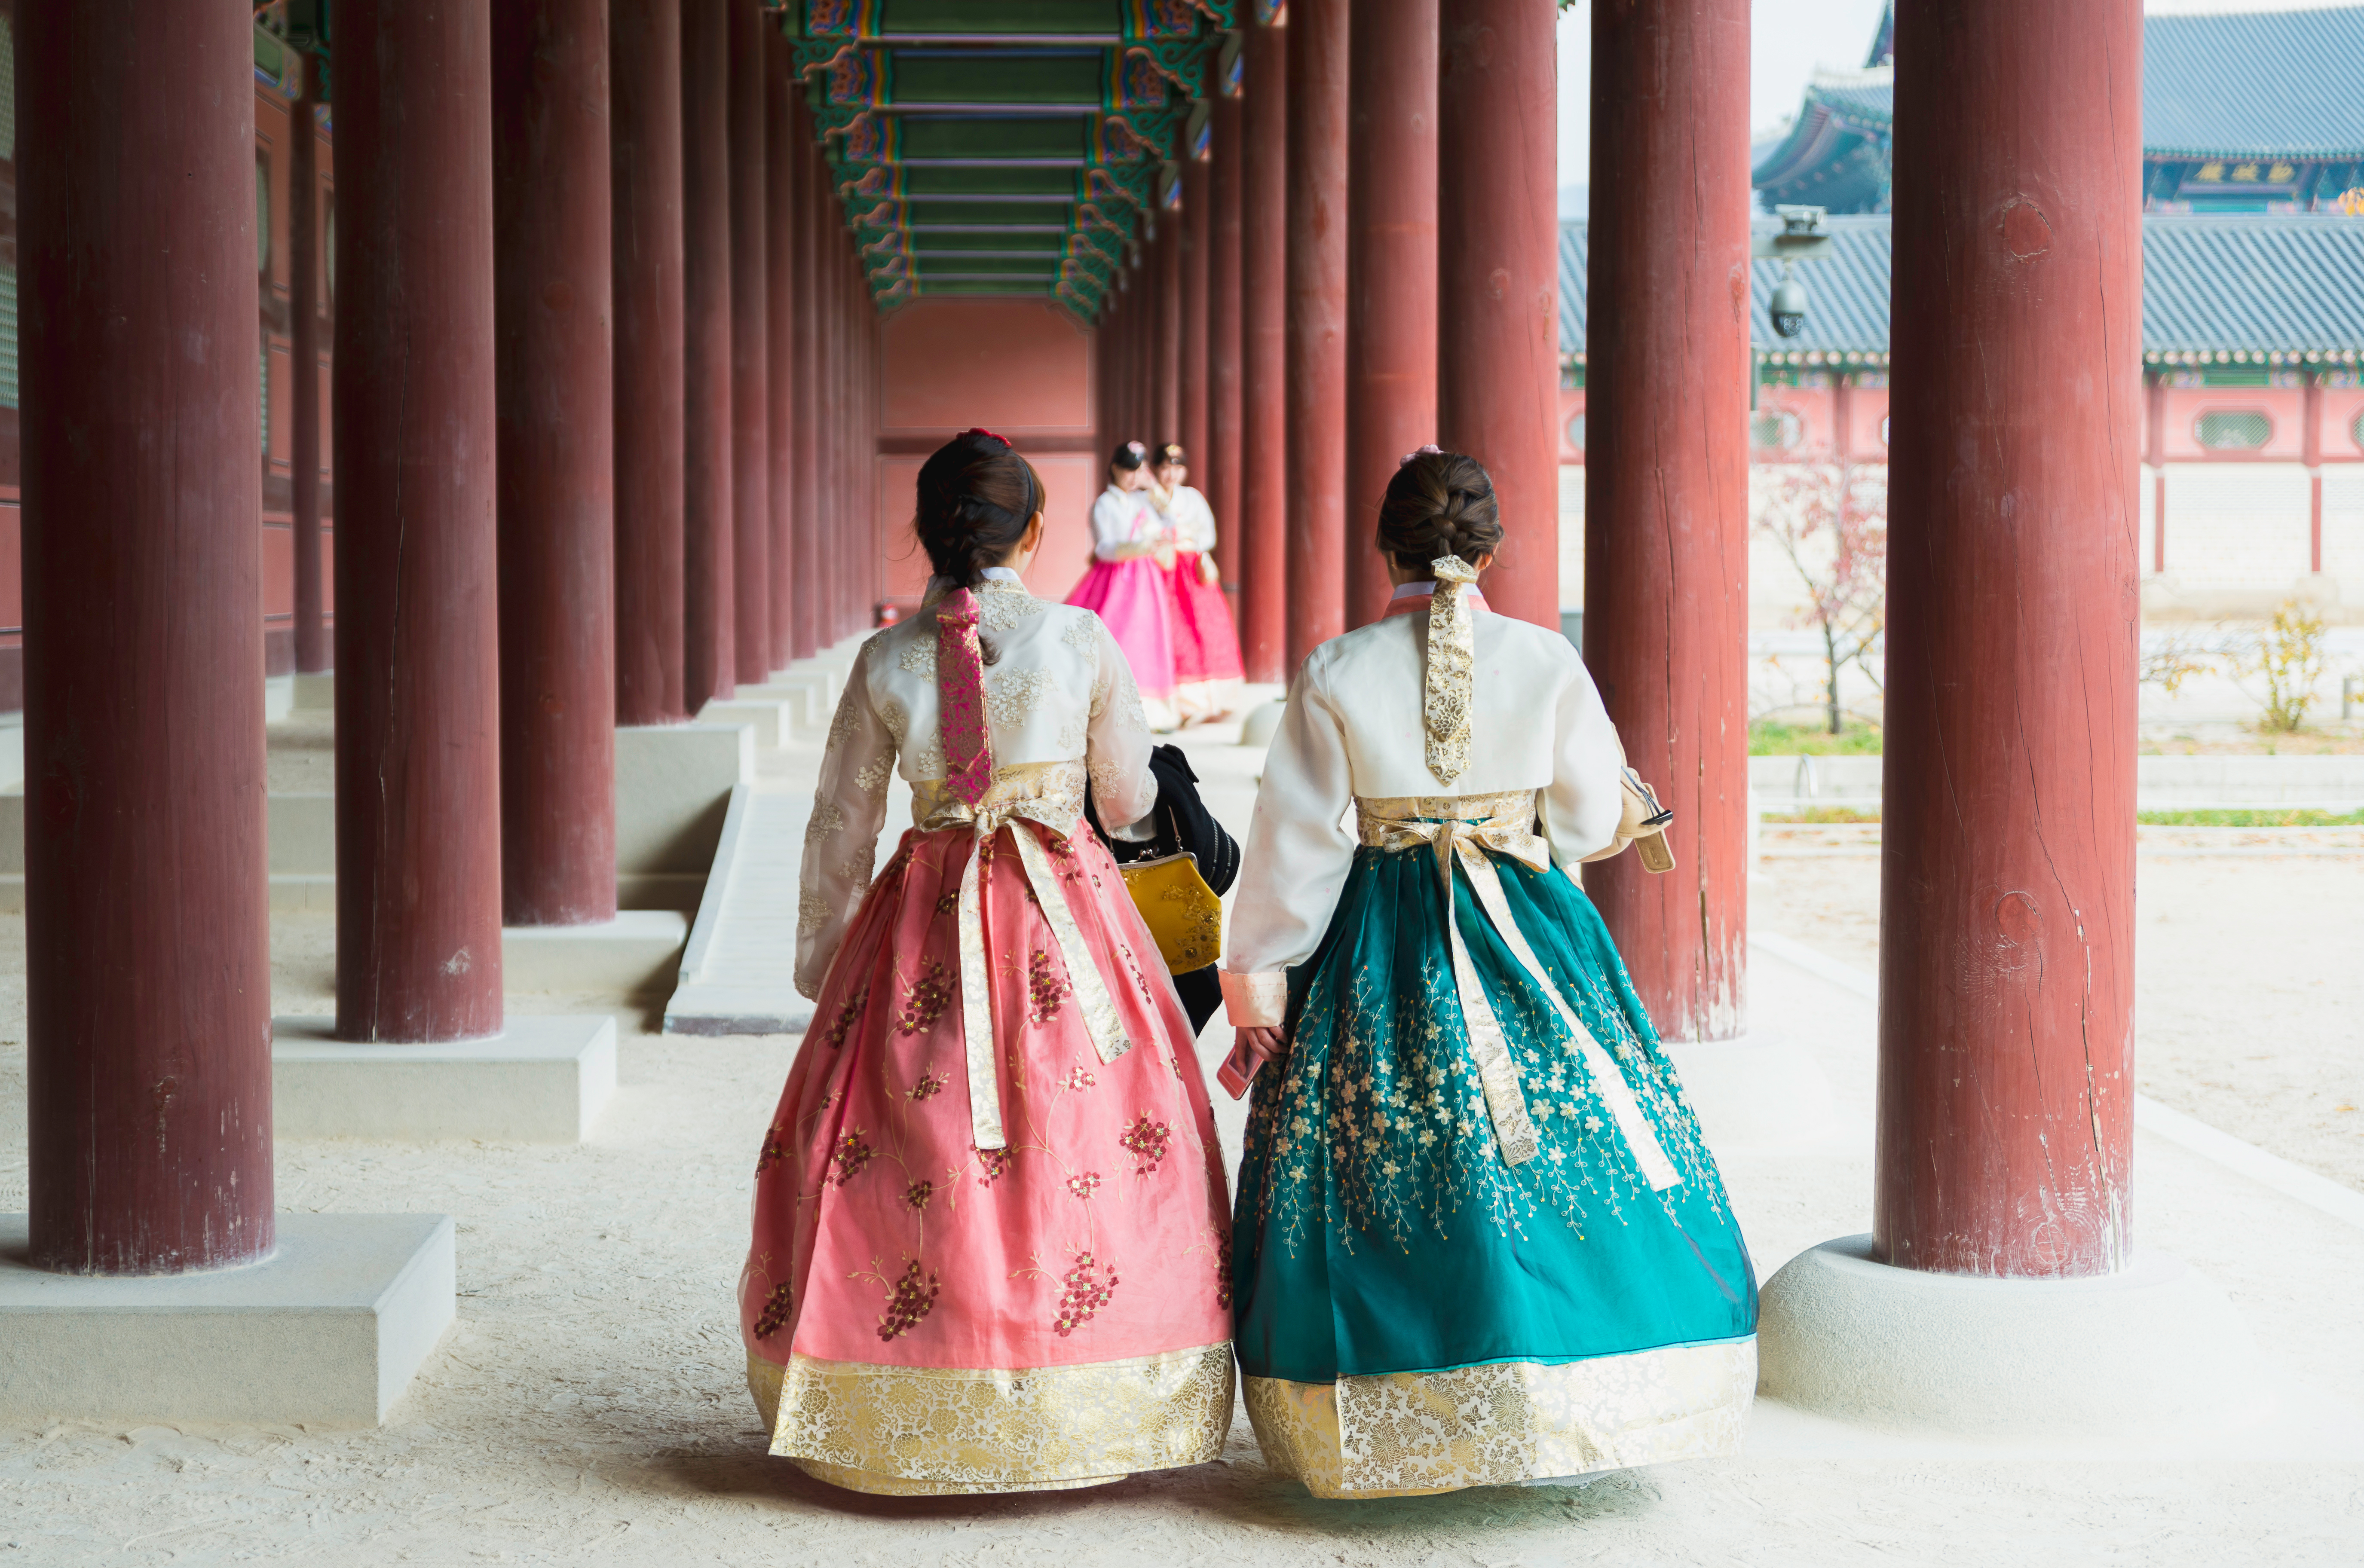 韓国への旅行で日本人が間違う